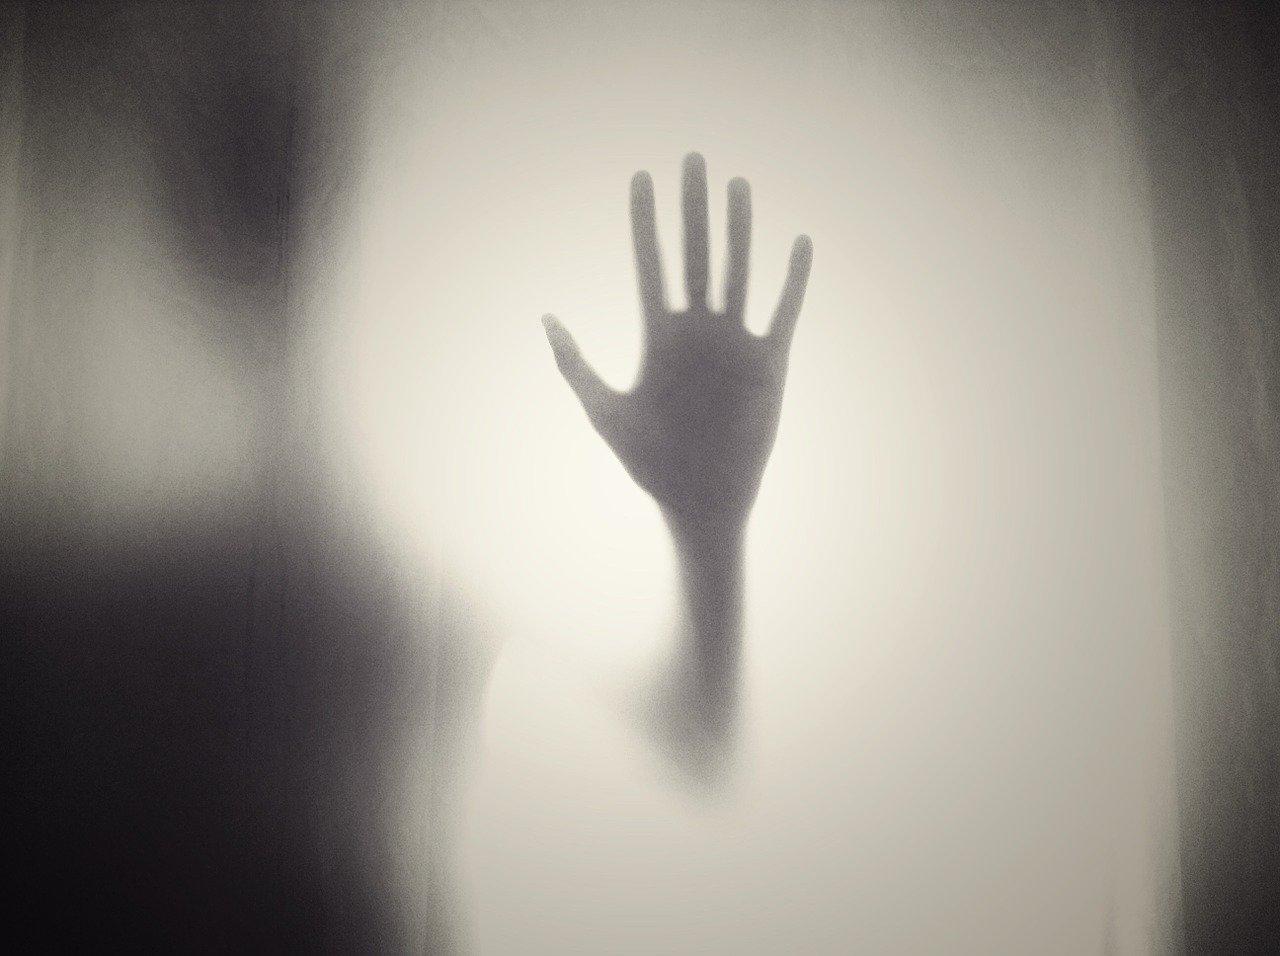 Une main derrière un drap